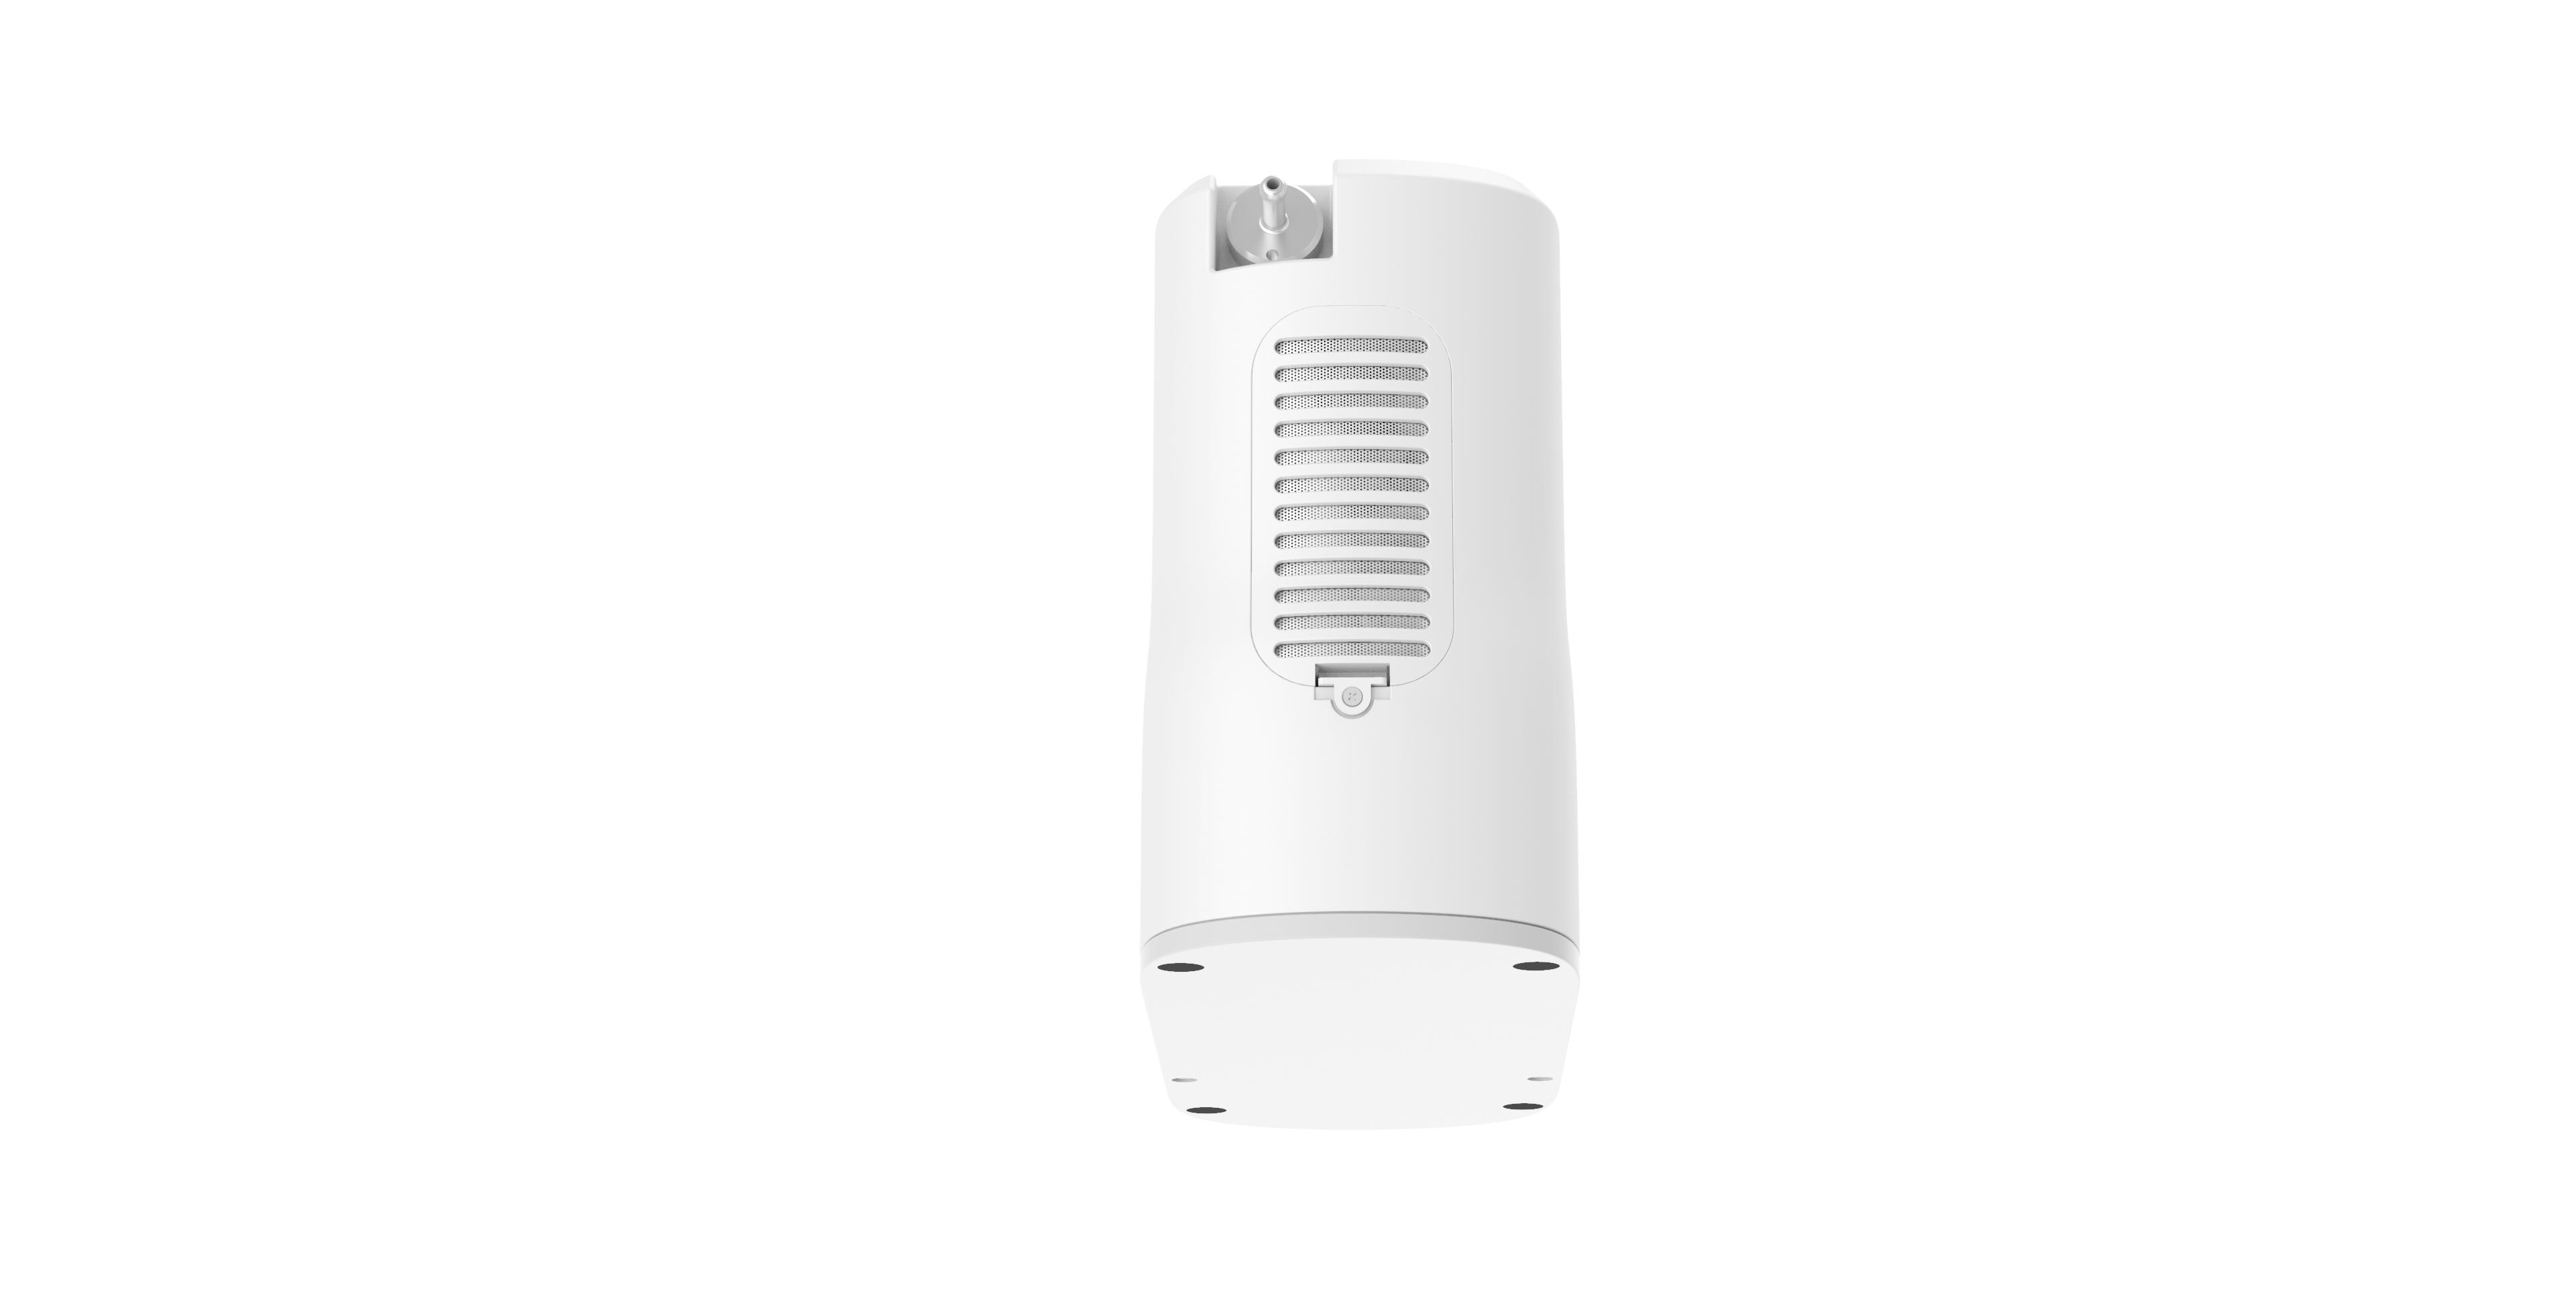 El equipo incorpora filtros que impiden la entrada de suciedad alargando su vida útil.